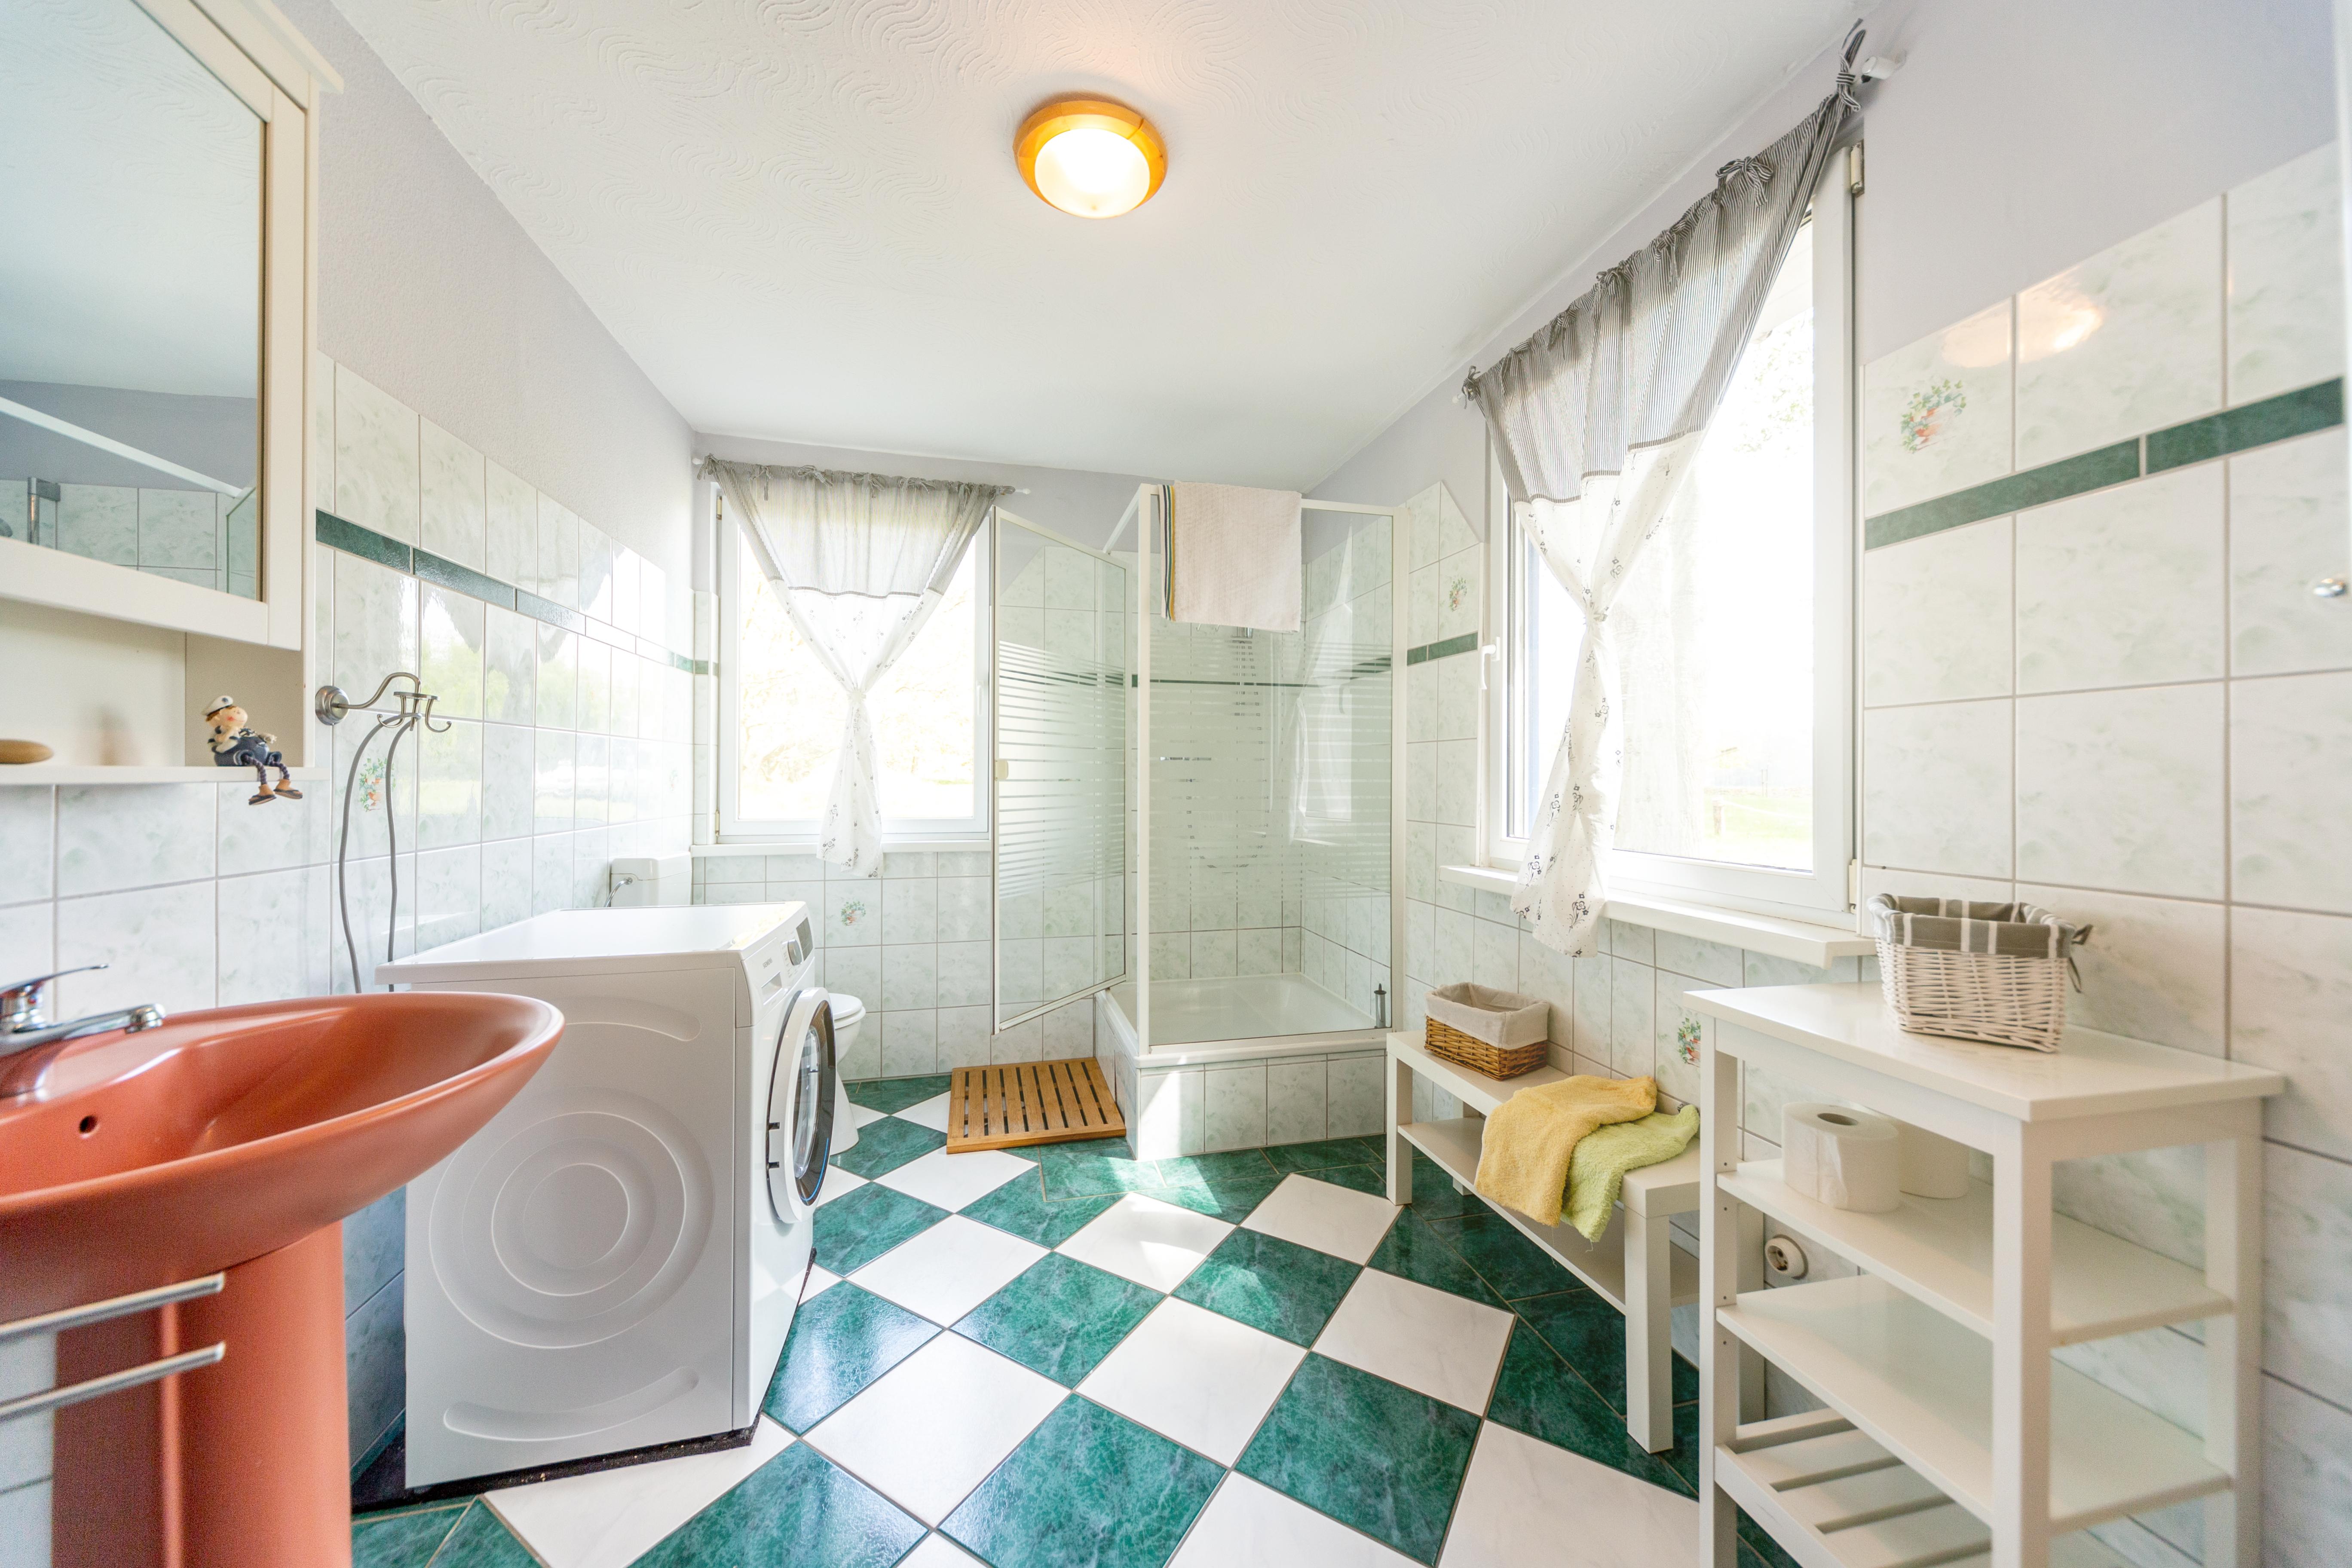 Bad mit Dusche, WC & Waschmaschine